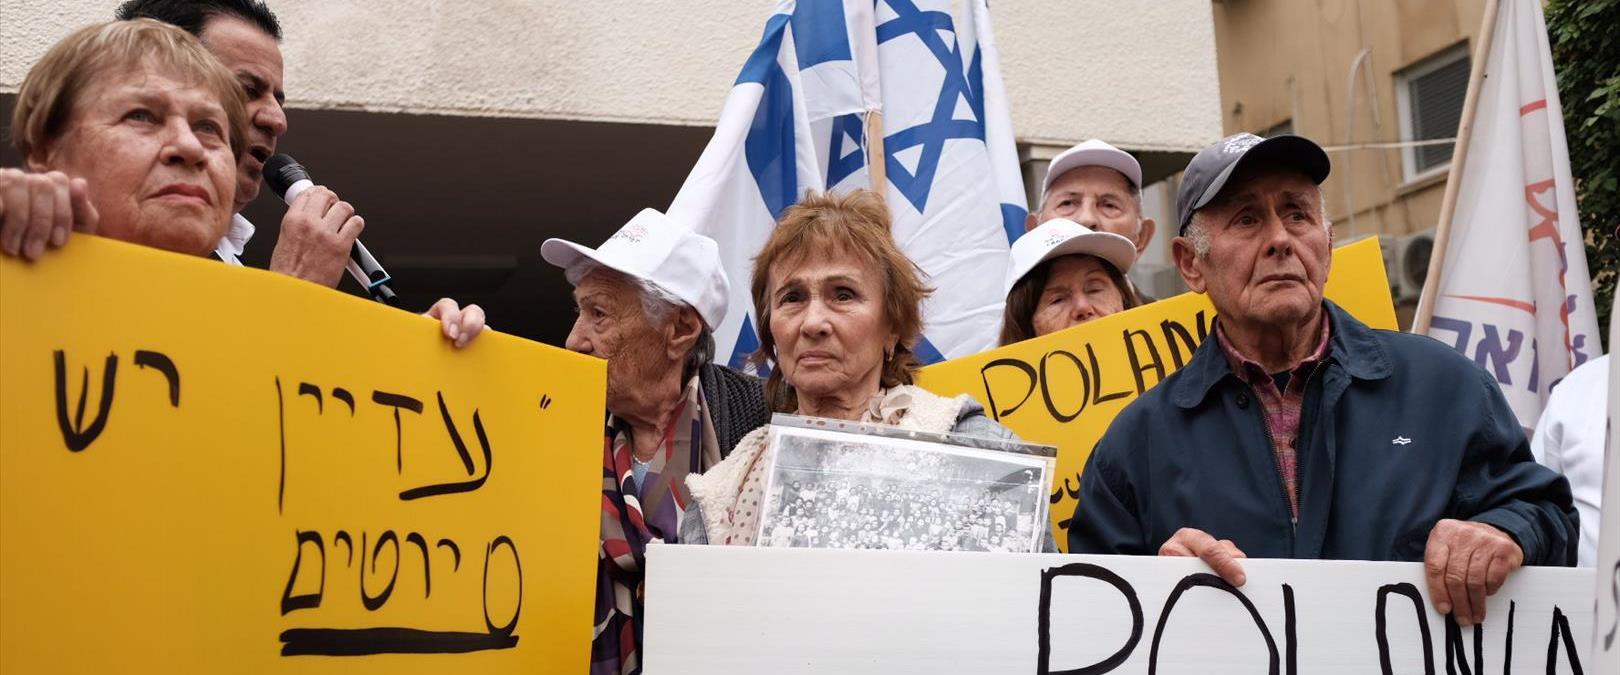 הפגנה מחוץ לשגרירות פולין, 2018